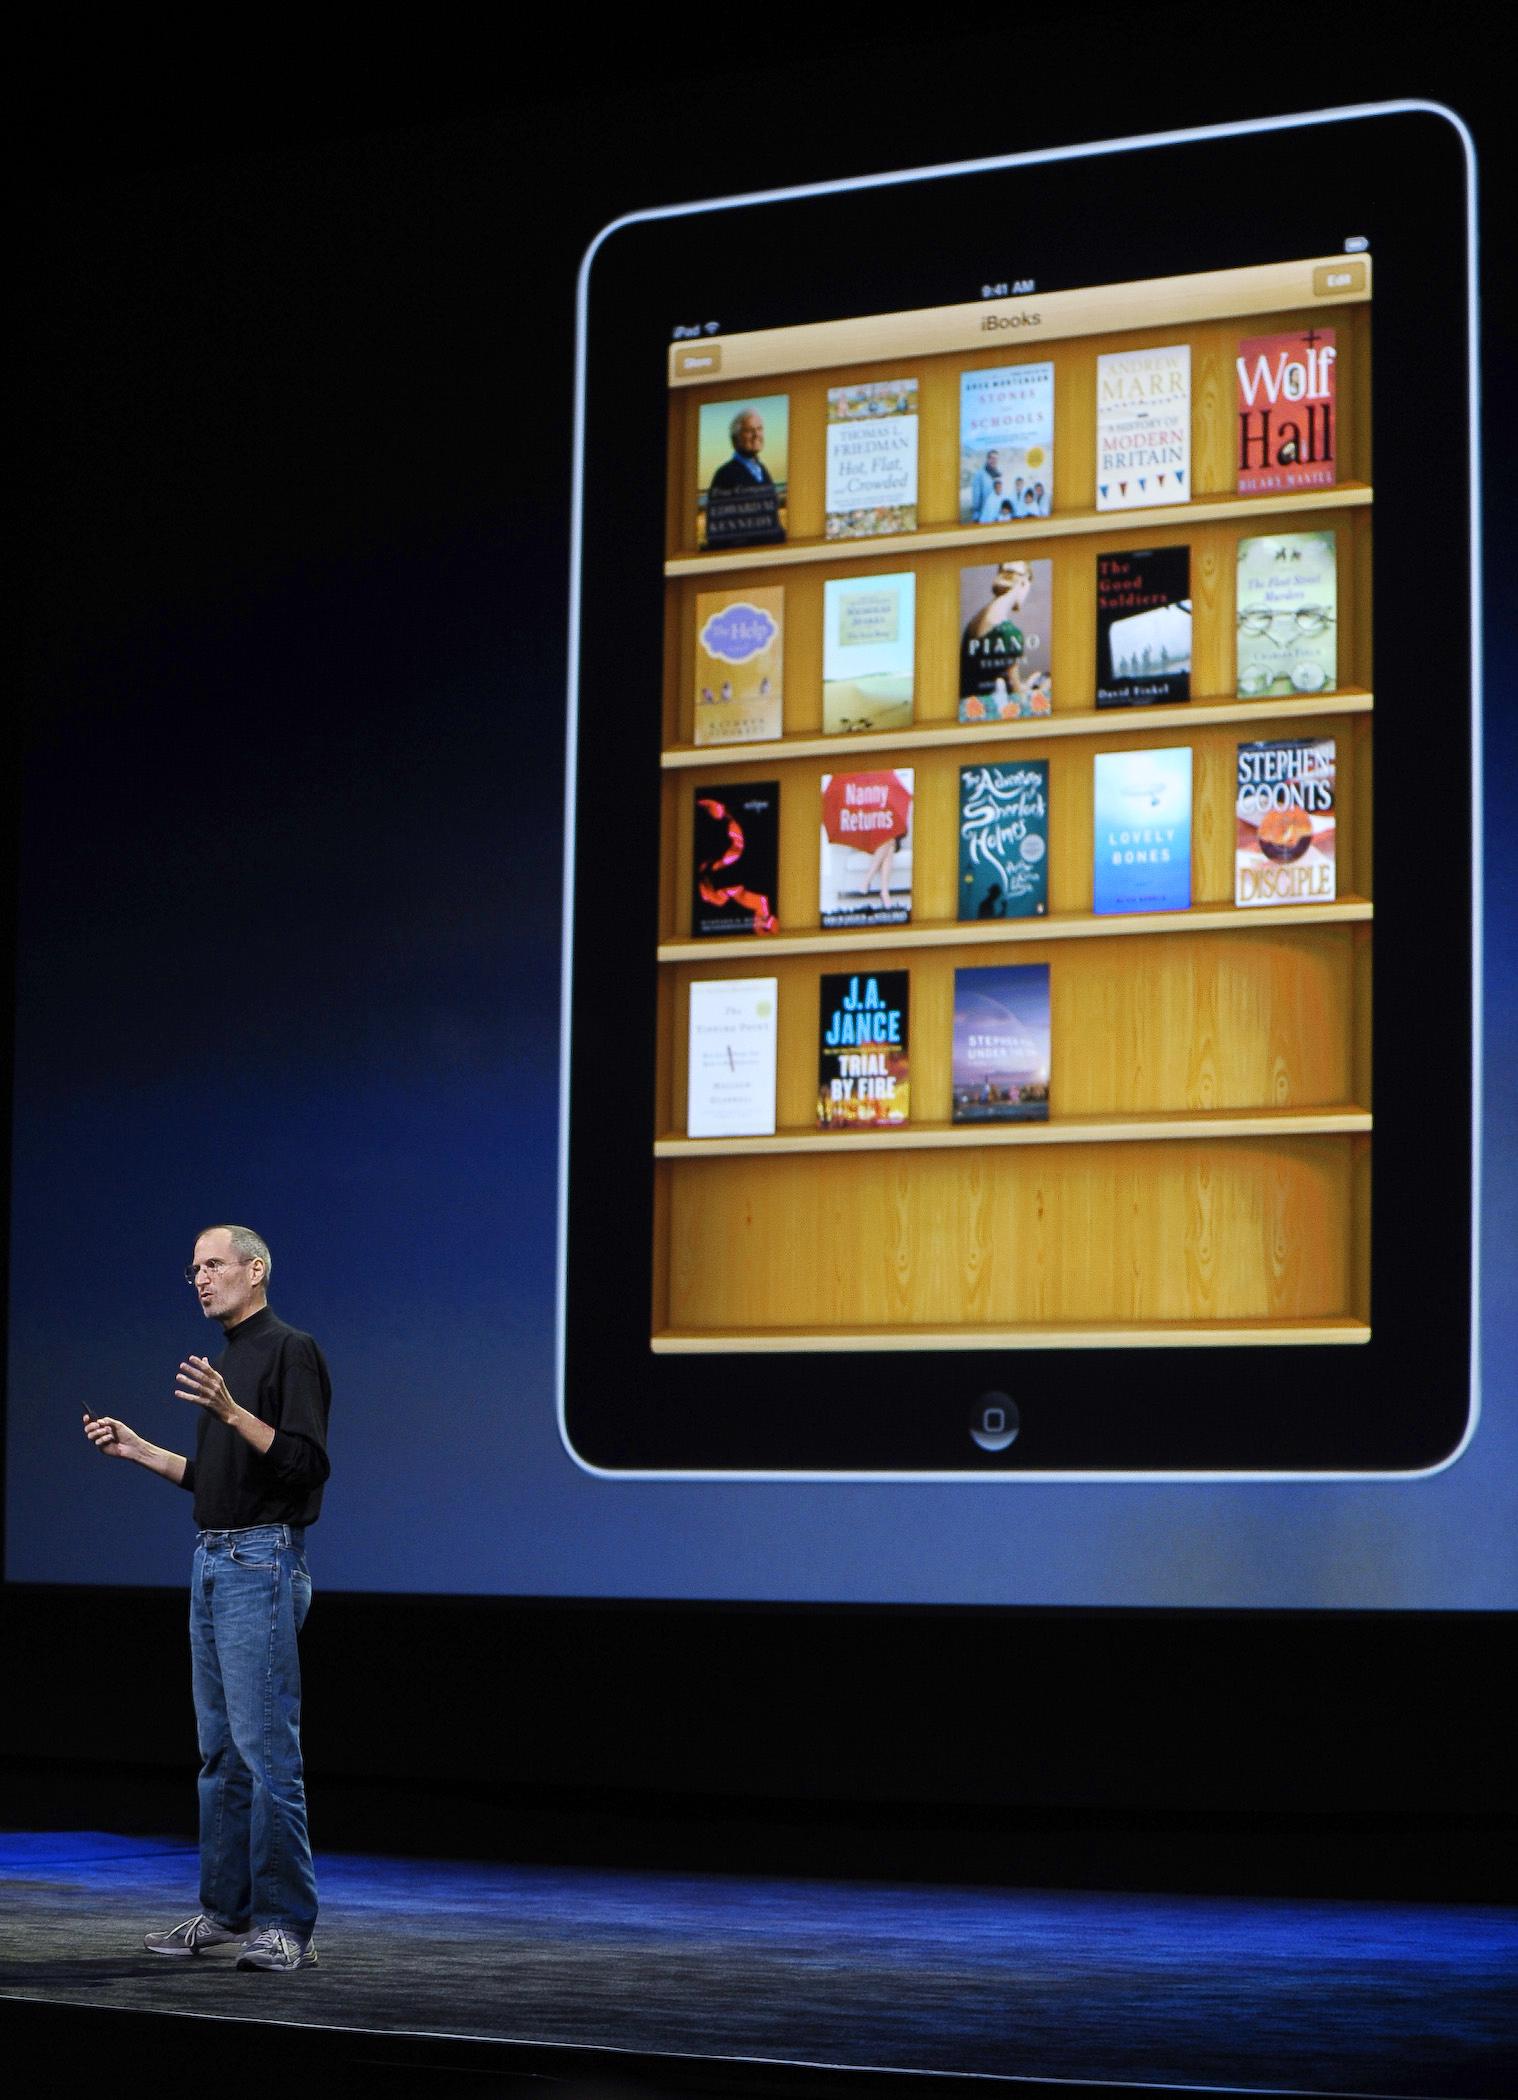 steve jobs, apple, ipad ibooks